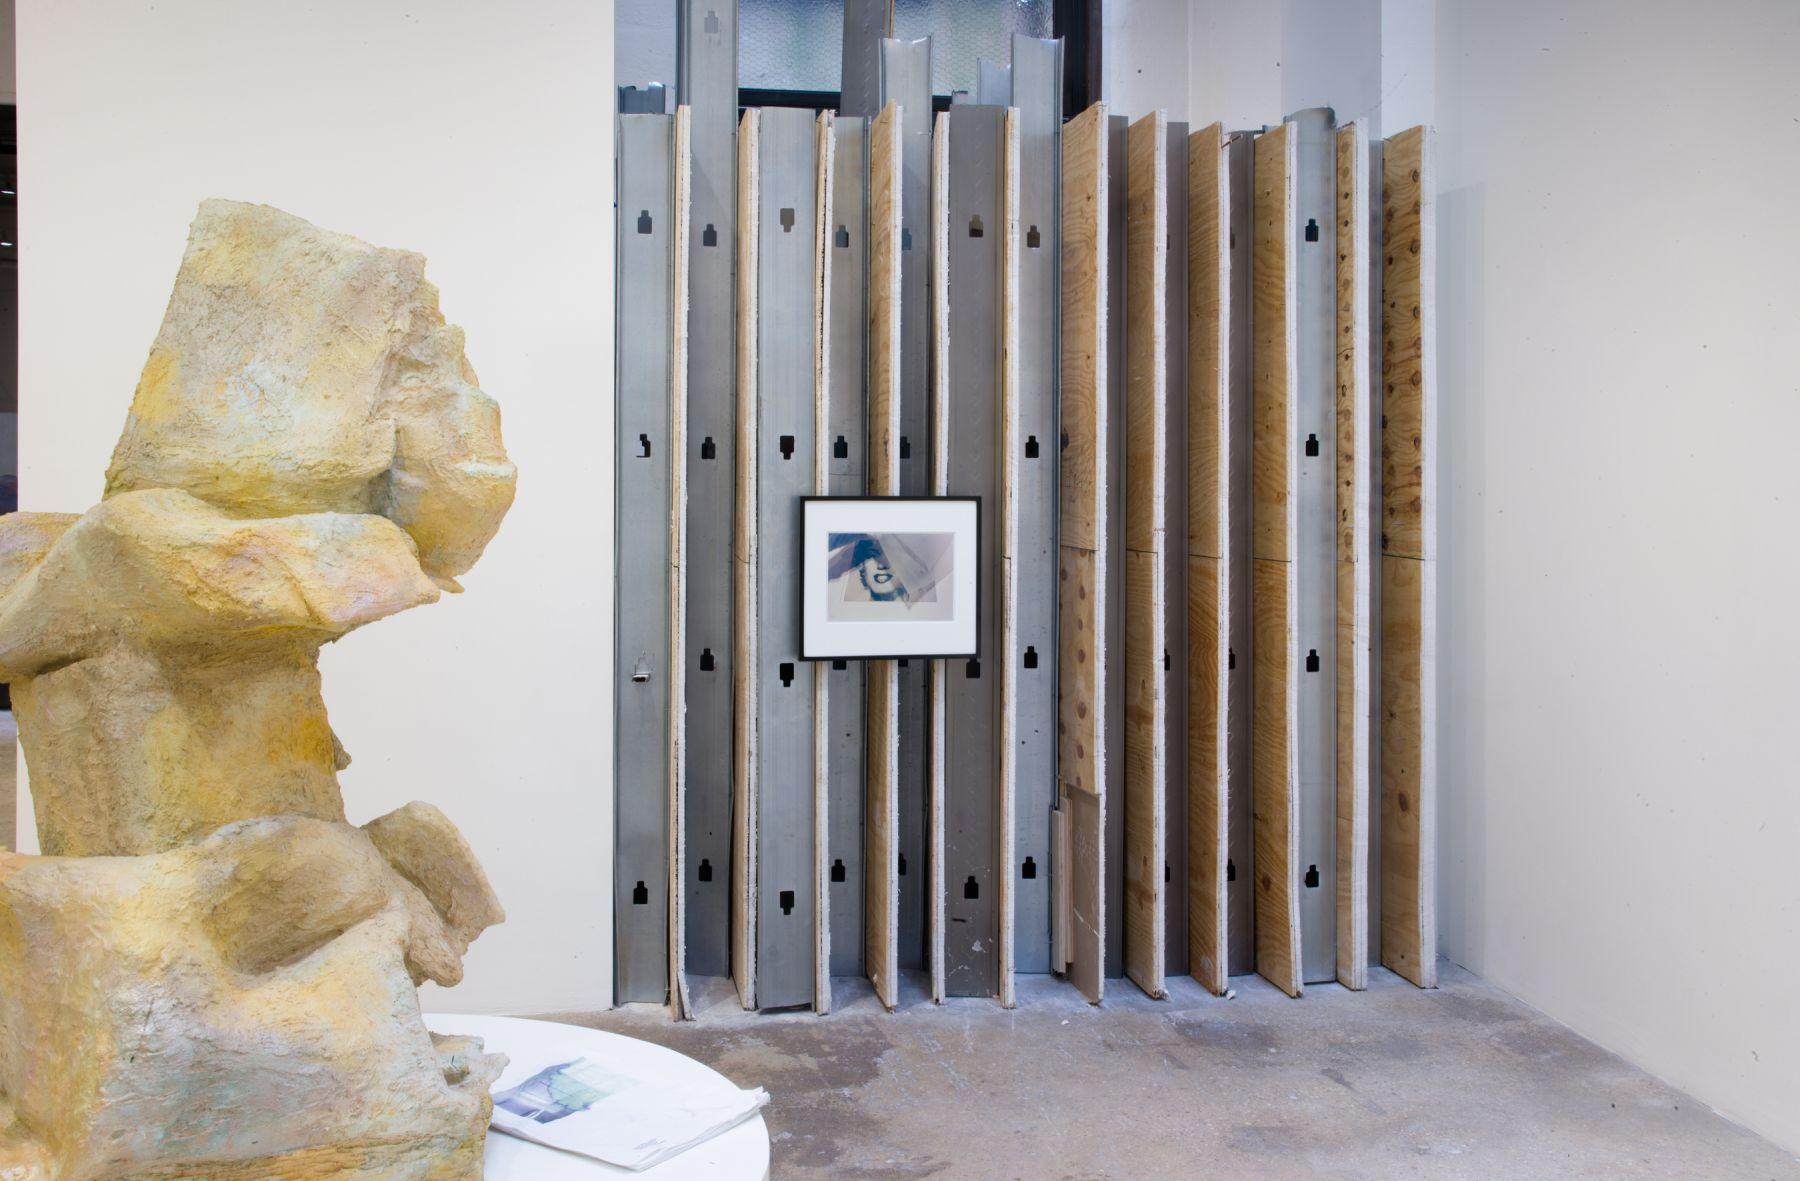 Rachel Harrison  Every Sculpture Needs a Trap Door, 2017